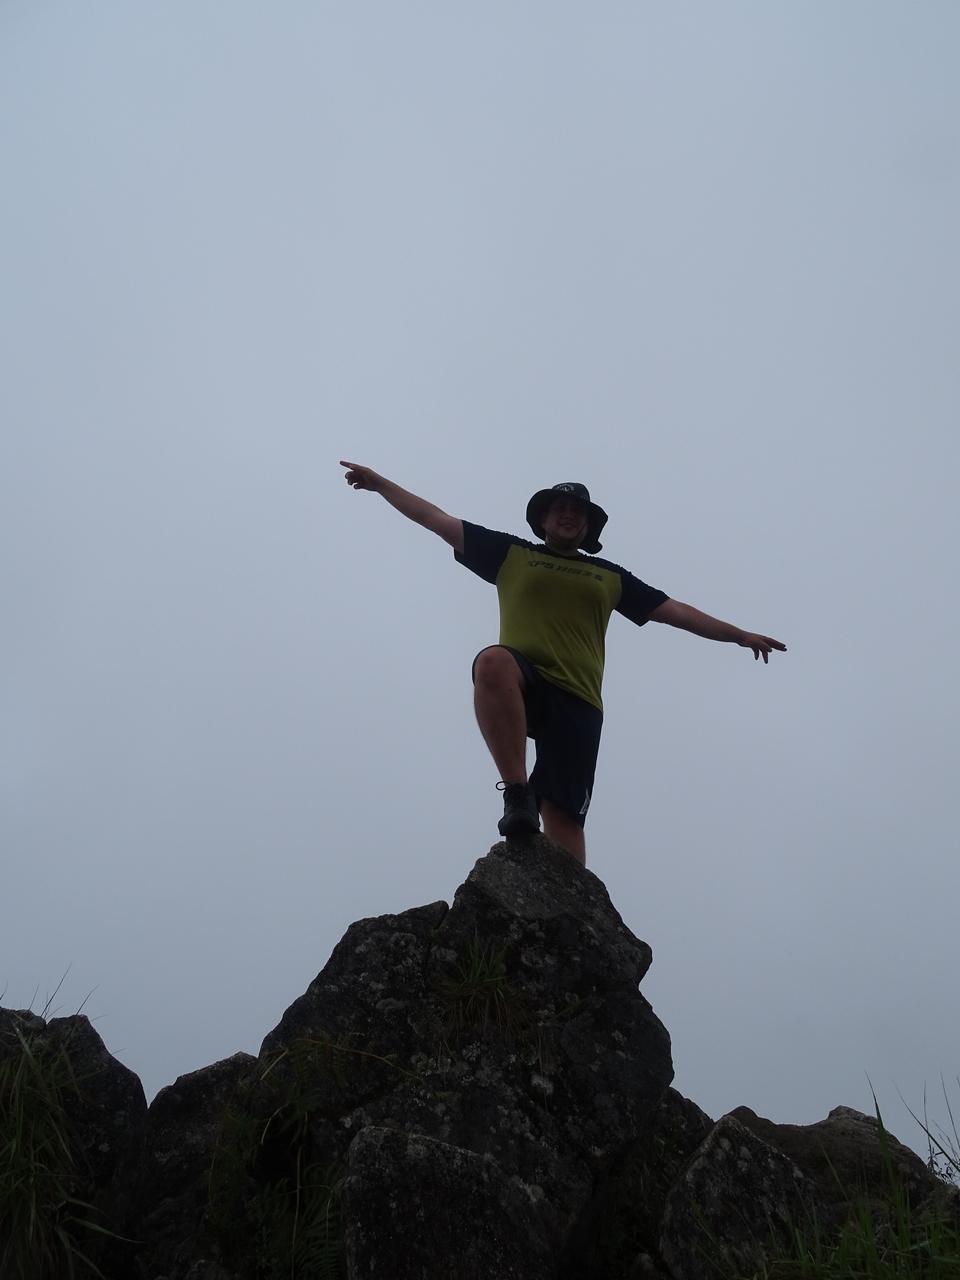 ... de desenvolver trombose ou outras doenças cardiovasculares do que  subindo a Serra num ônibus. Montanha Huchuy Picchu d6f71e30c5918